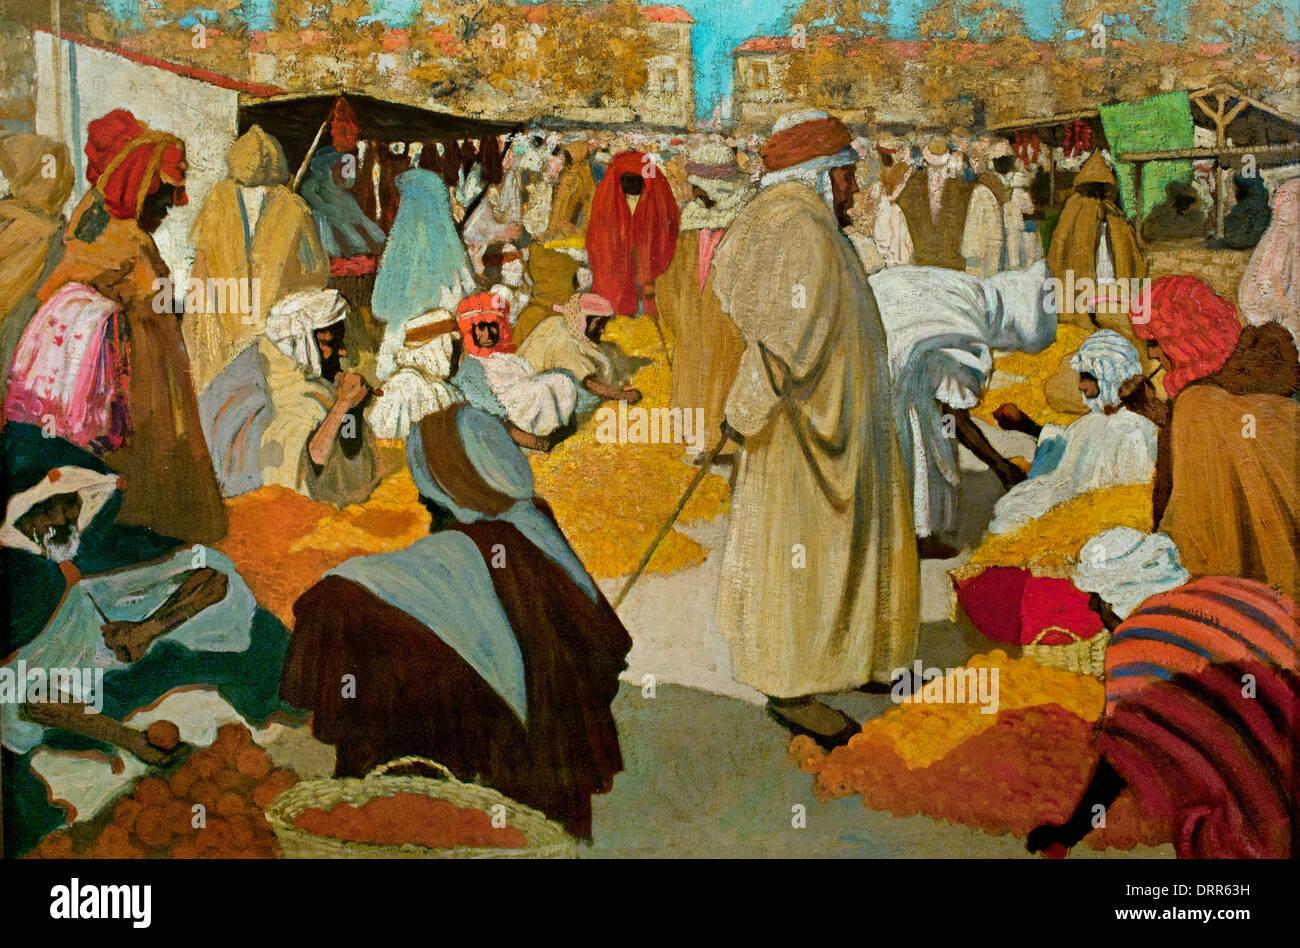 Henri Evenepoel (1872-1899) Marché à Blidah Orange 1898 Marché Arabe Algérie Belgique belge flamande Photo Stock